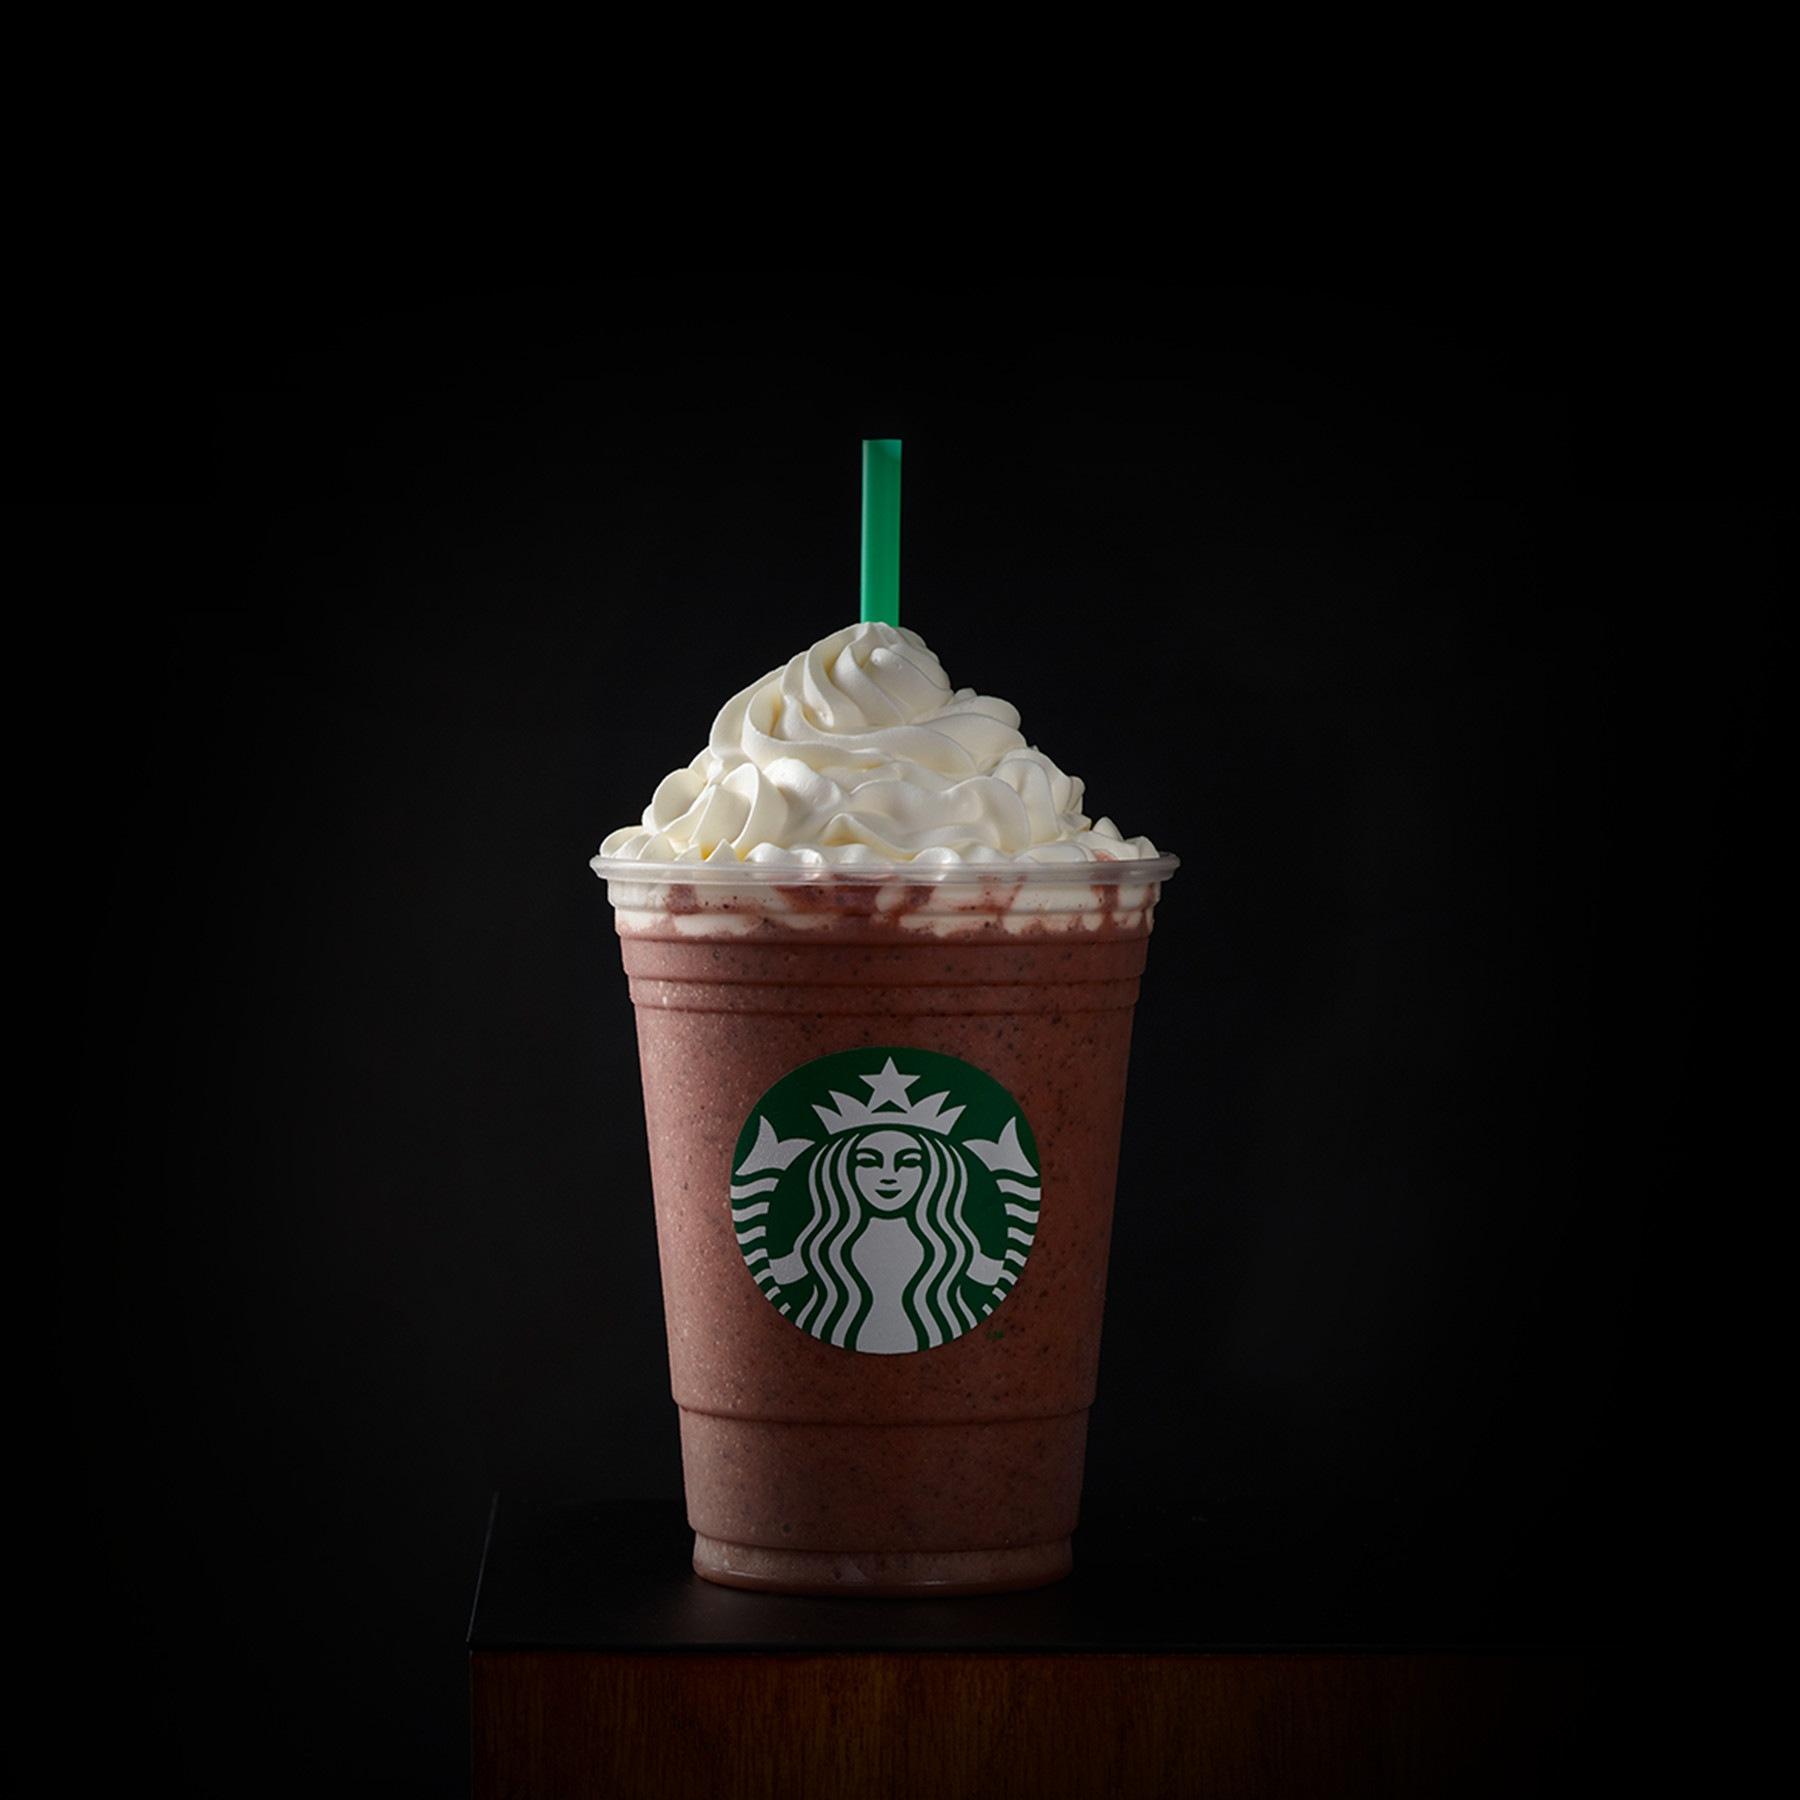 Red Velvet Cake Crme Frappuccino Blended Crme Starbucks Coffee